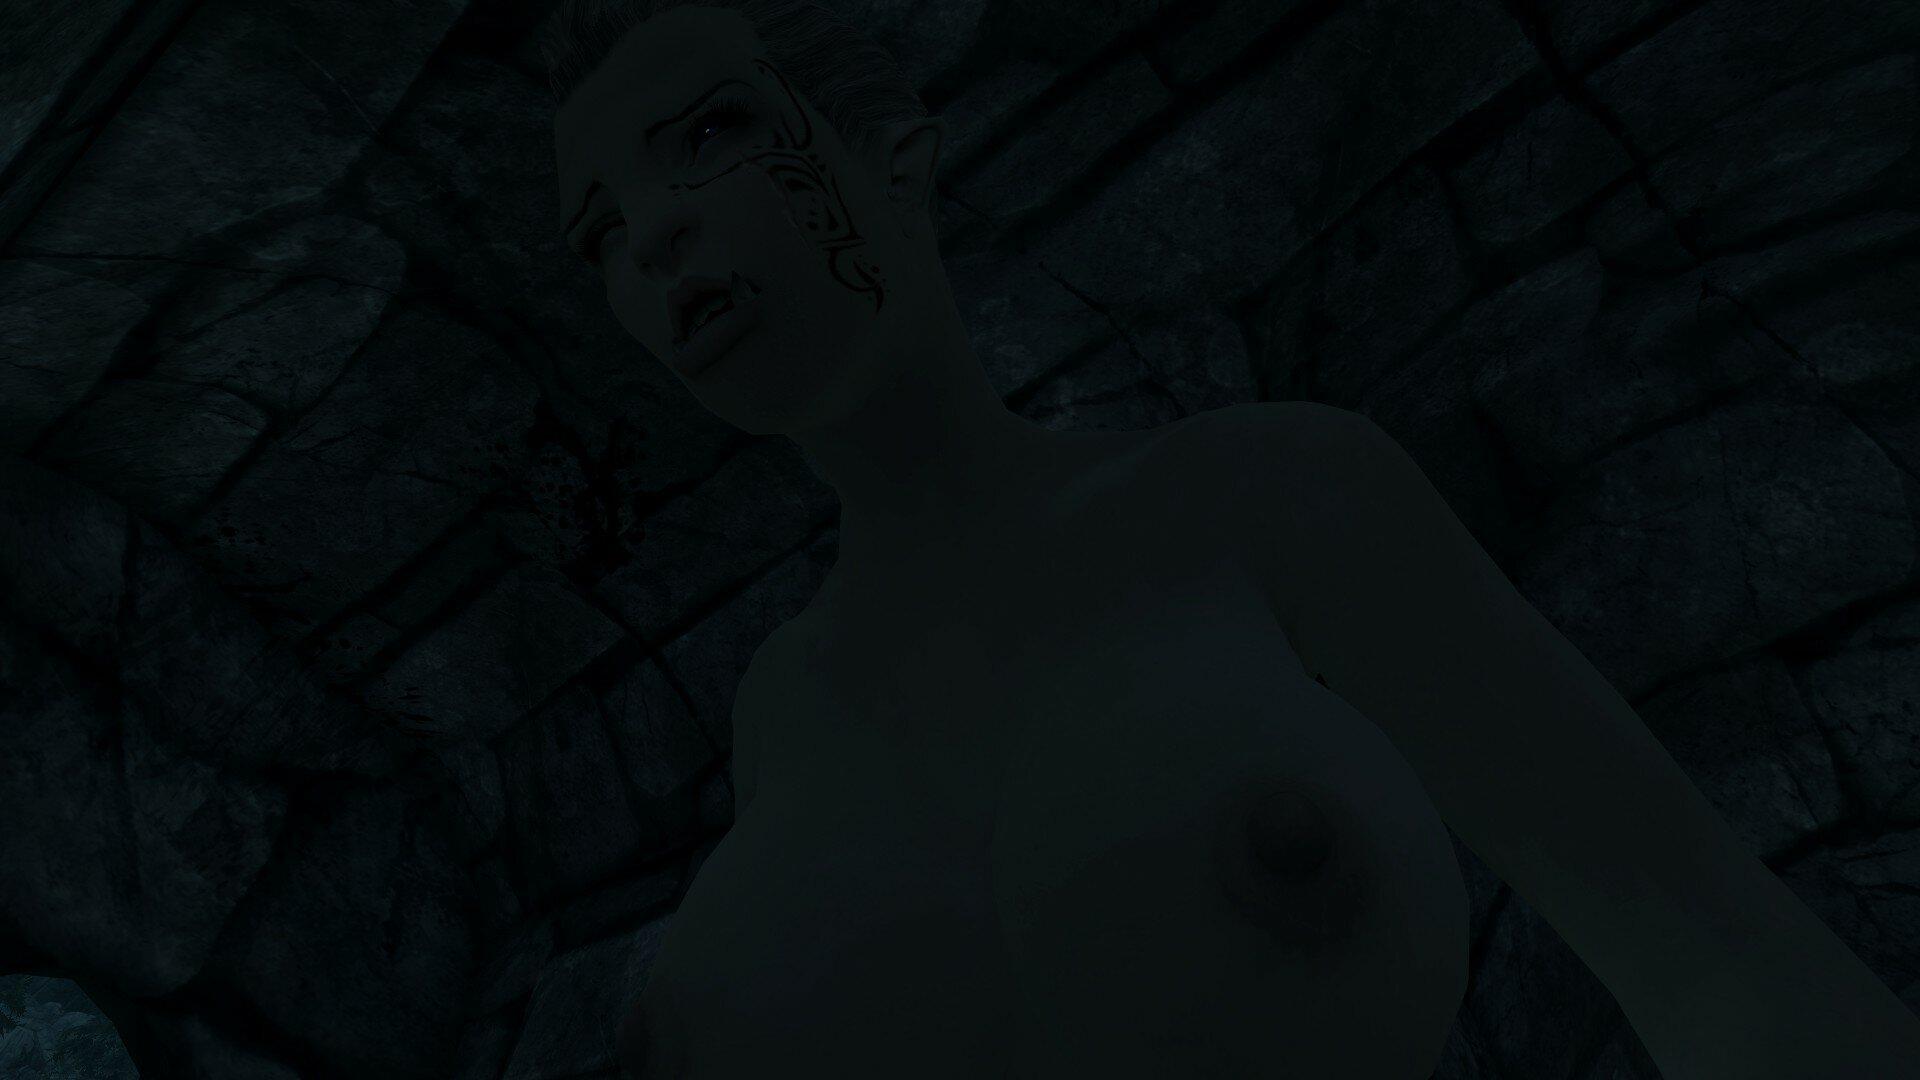 ScreenShot1549.jpg